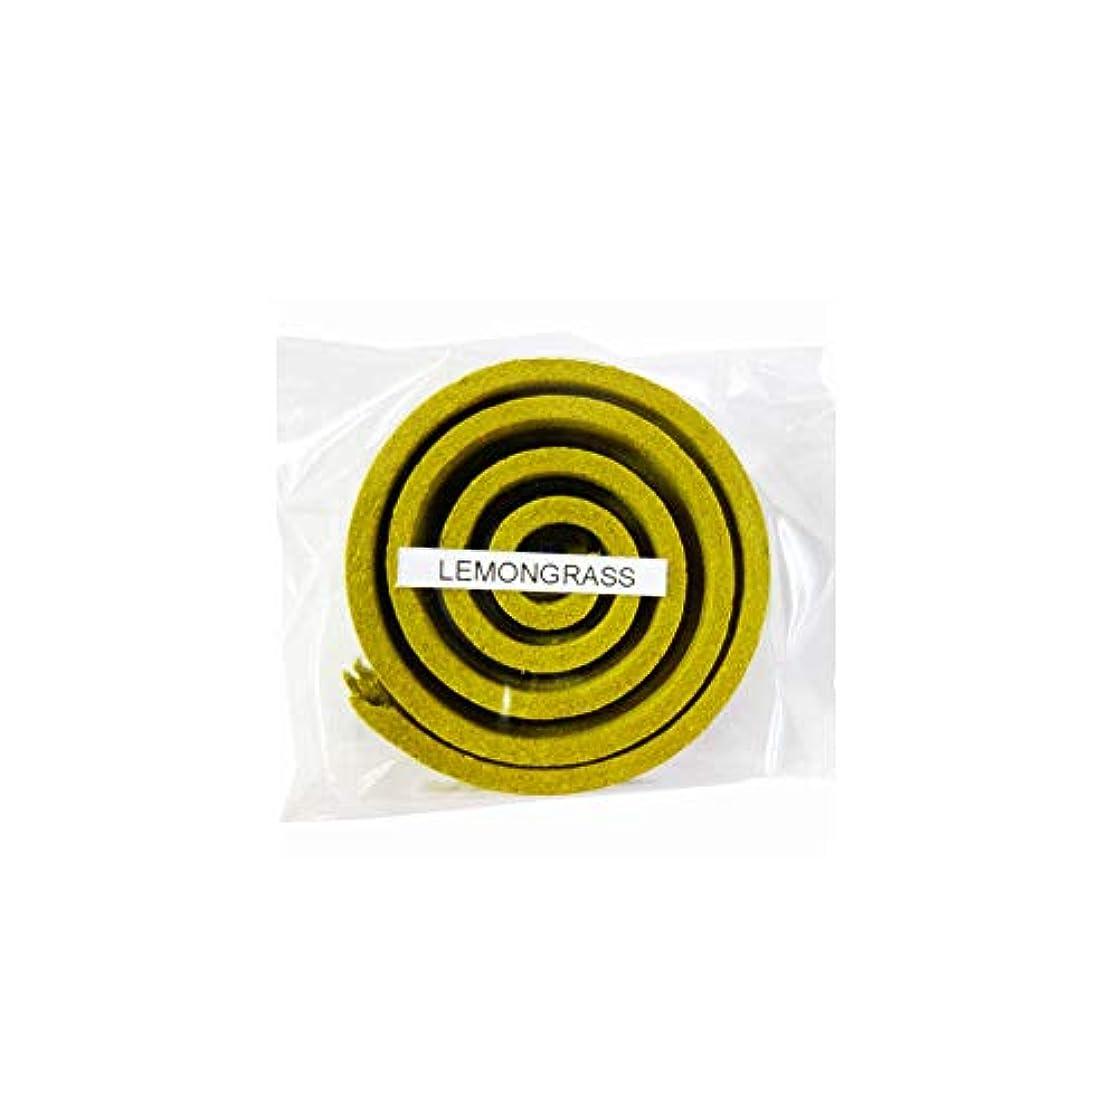 パットヒロイック大きさお香/うずまき香 LEMMNGRASS レモングラス 直径5cm×5巻セット [並行輸入品]